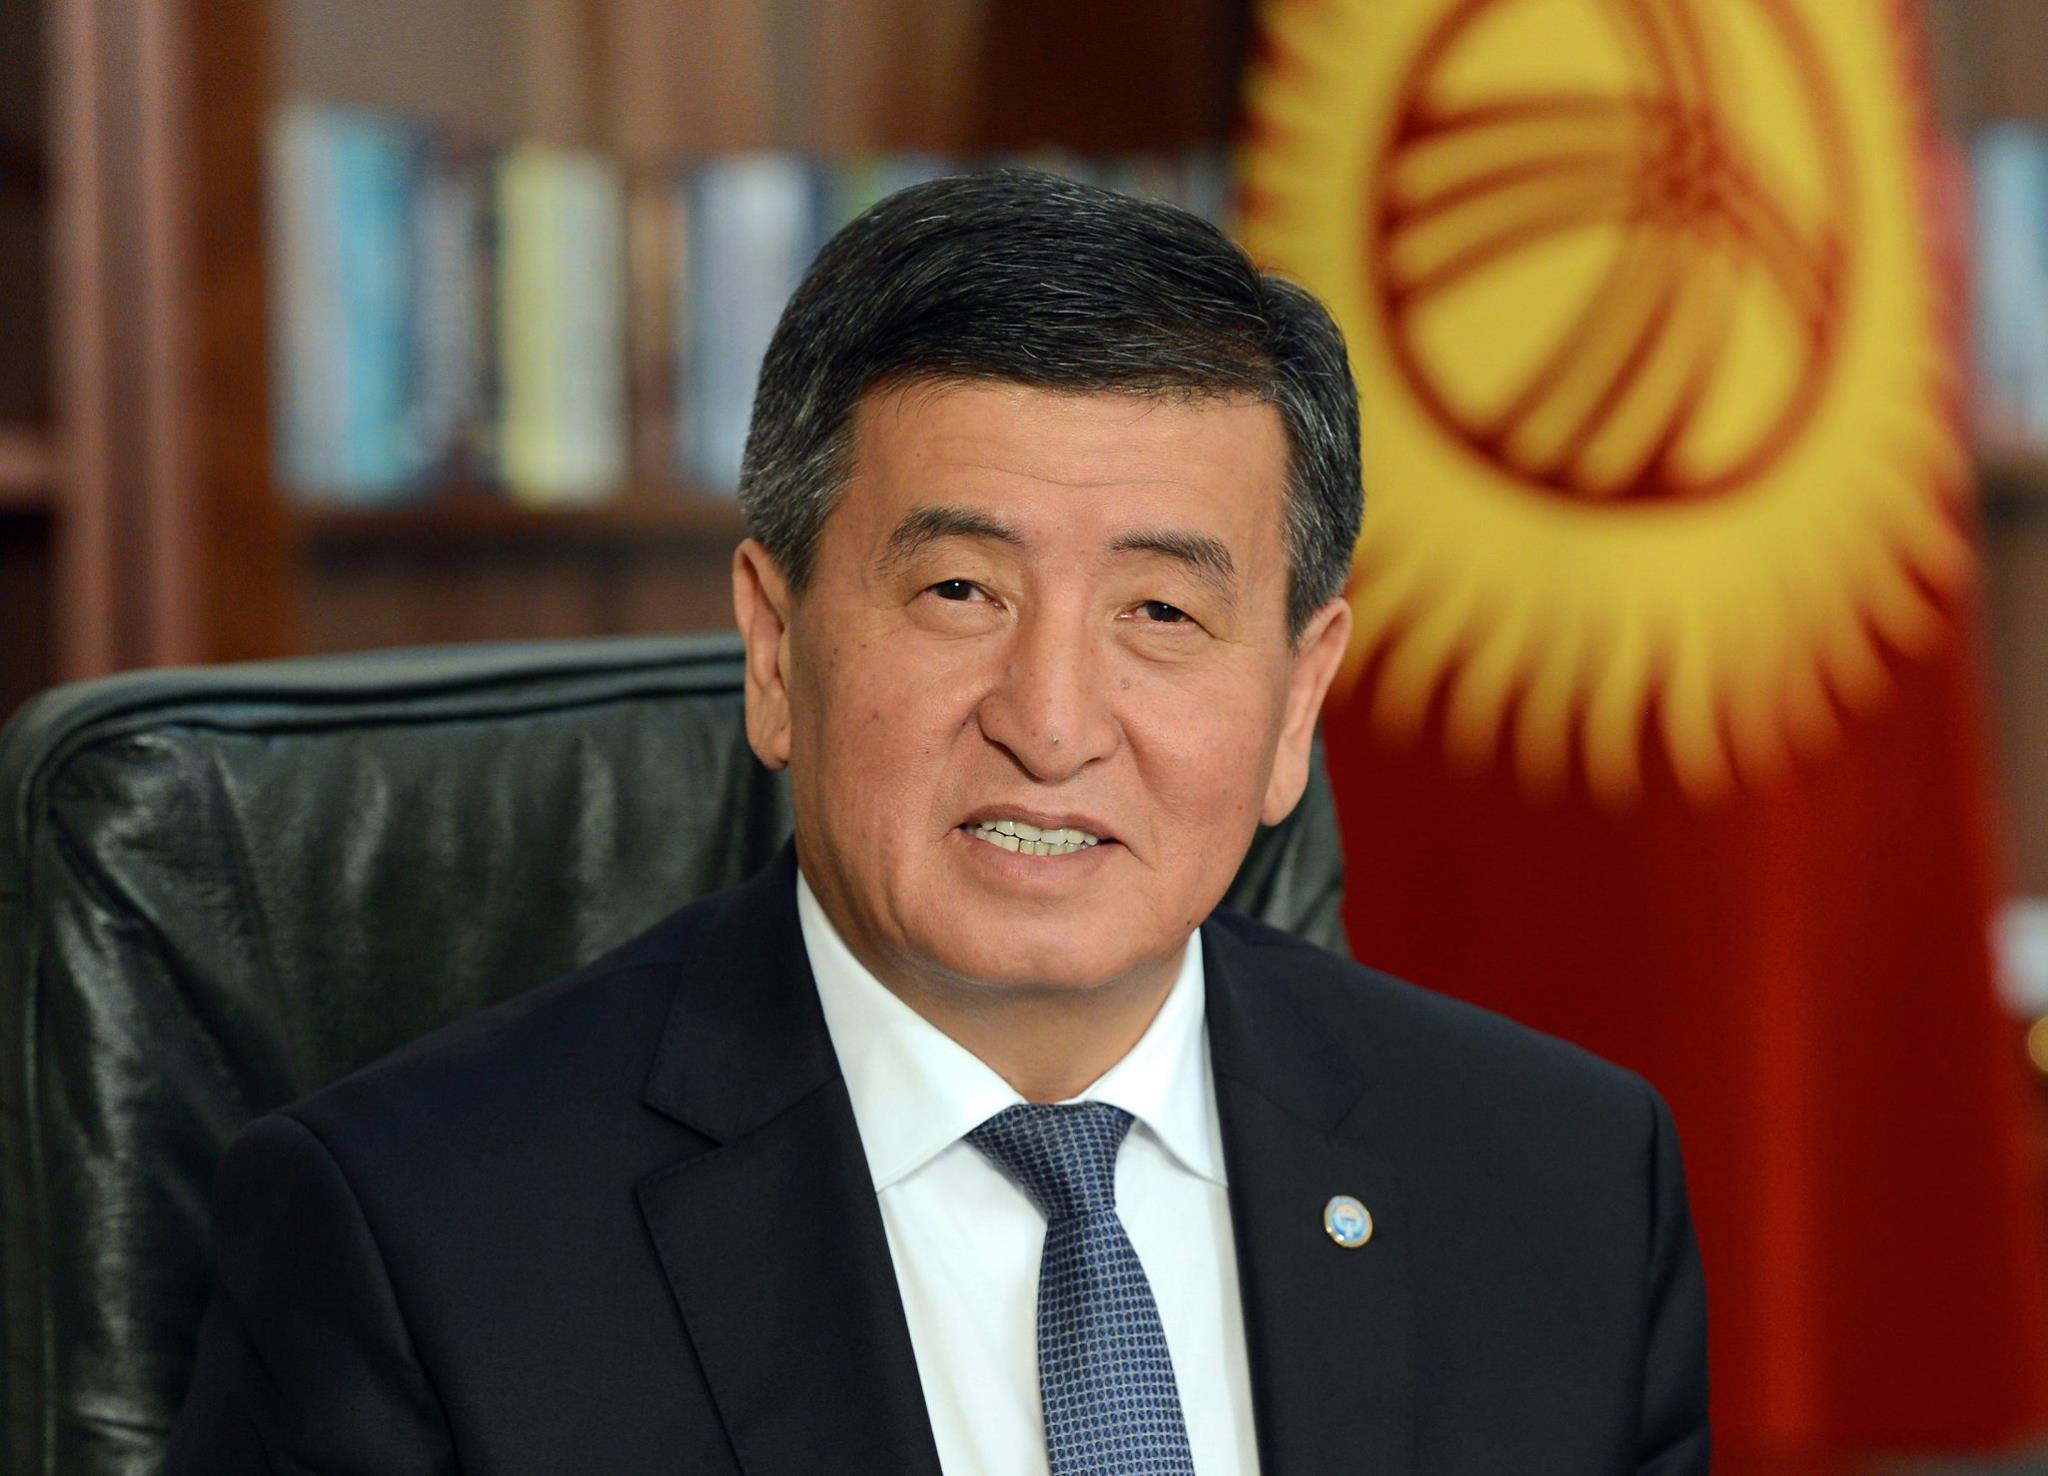 Qırğız prezidenti: Azərbaycanın Türk Şurasına sədrliyinin səmərəli olacağına şübhəm yoxdur